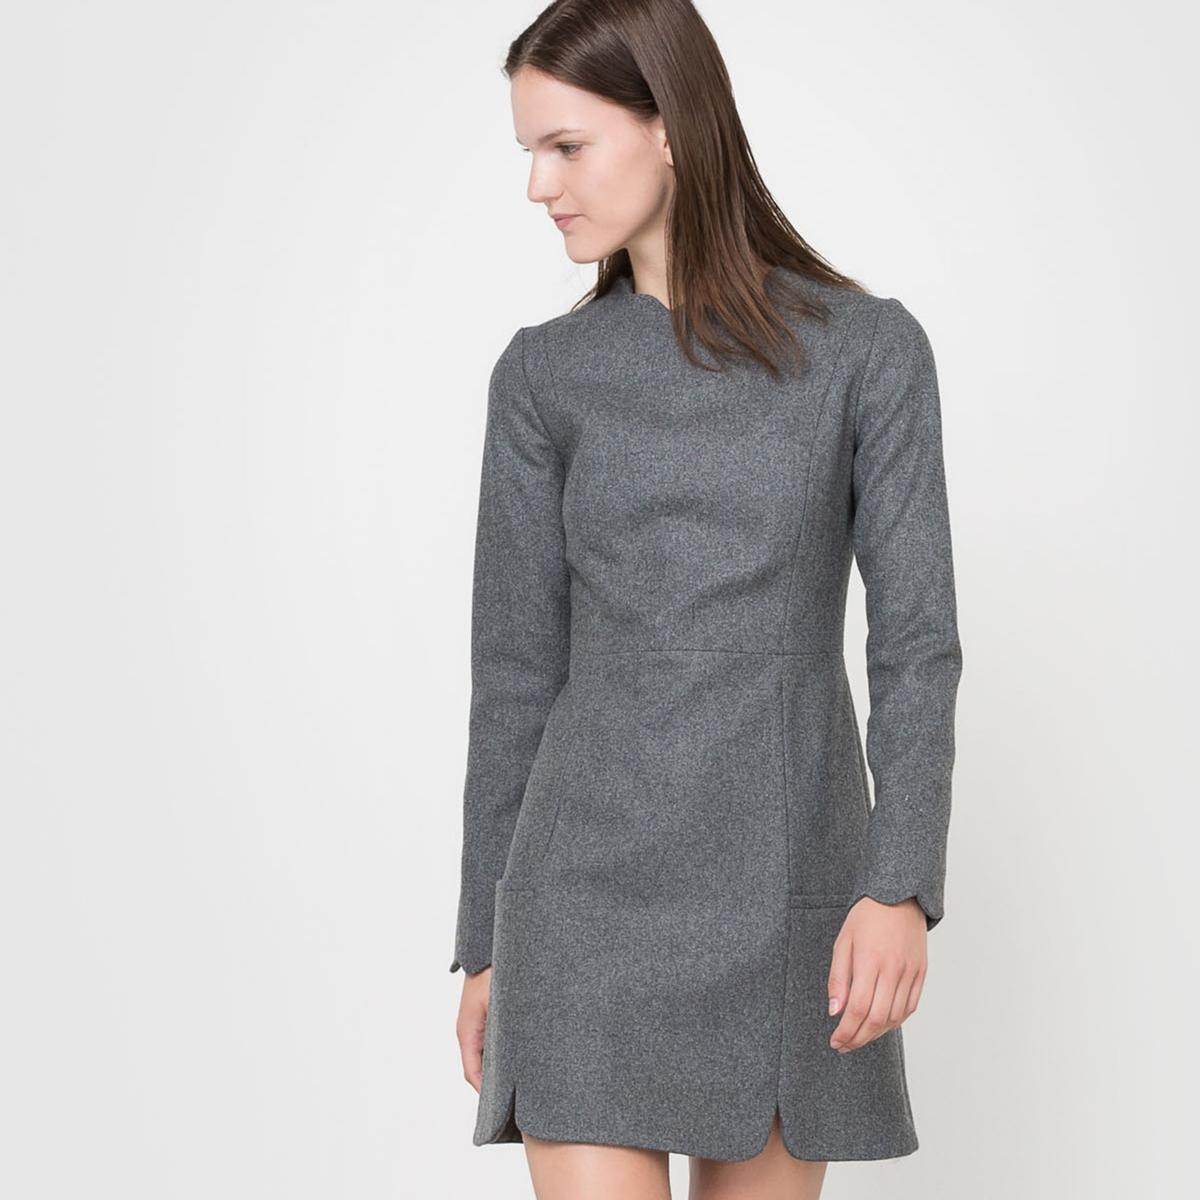 Платье с длинными рукавамиСостав и описаниеМатериал: 80% шерсти, 20% полиамида.Подкладка: 100% ацетатного волокна.Длина: 91 см.Марка: CORALIE MARABELLE  УходРекомендована сухая чистка - Не отбеливать - Гладить на низкой температуре -Машинная сушка запрещена.<br><br>Цвет: красный/ кирпичный<br>Размер: 40 (FR) - 46 (RUS)